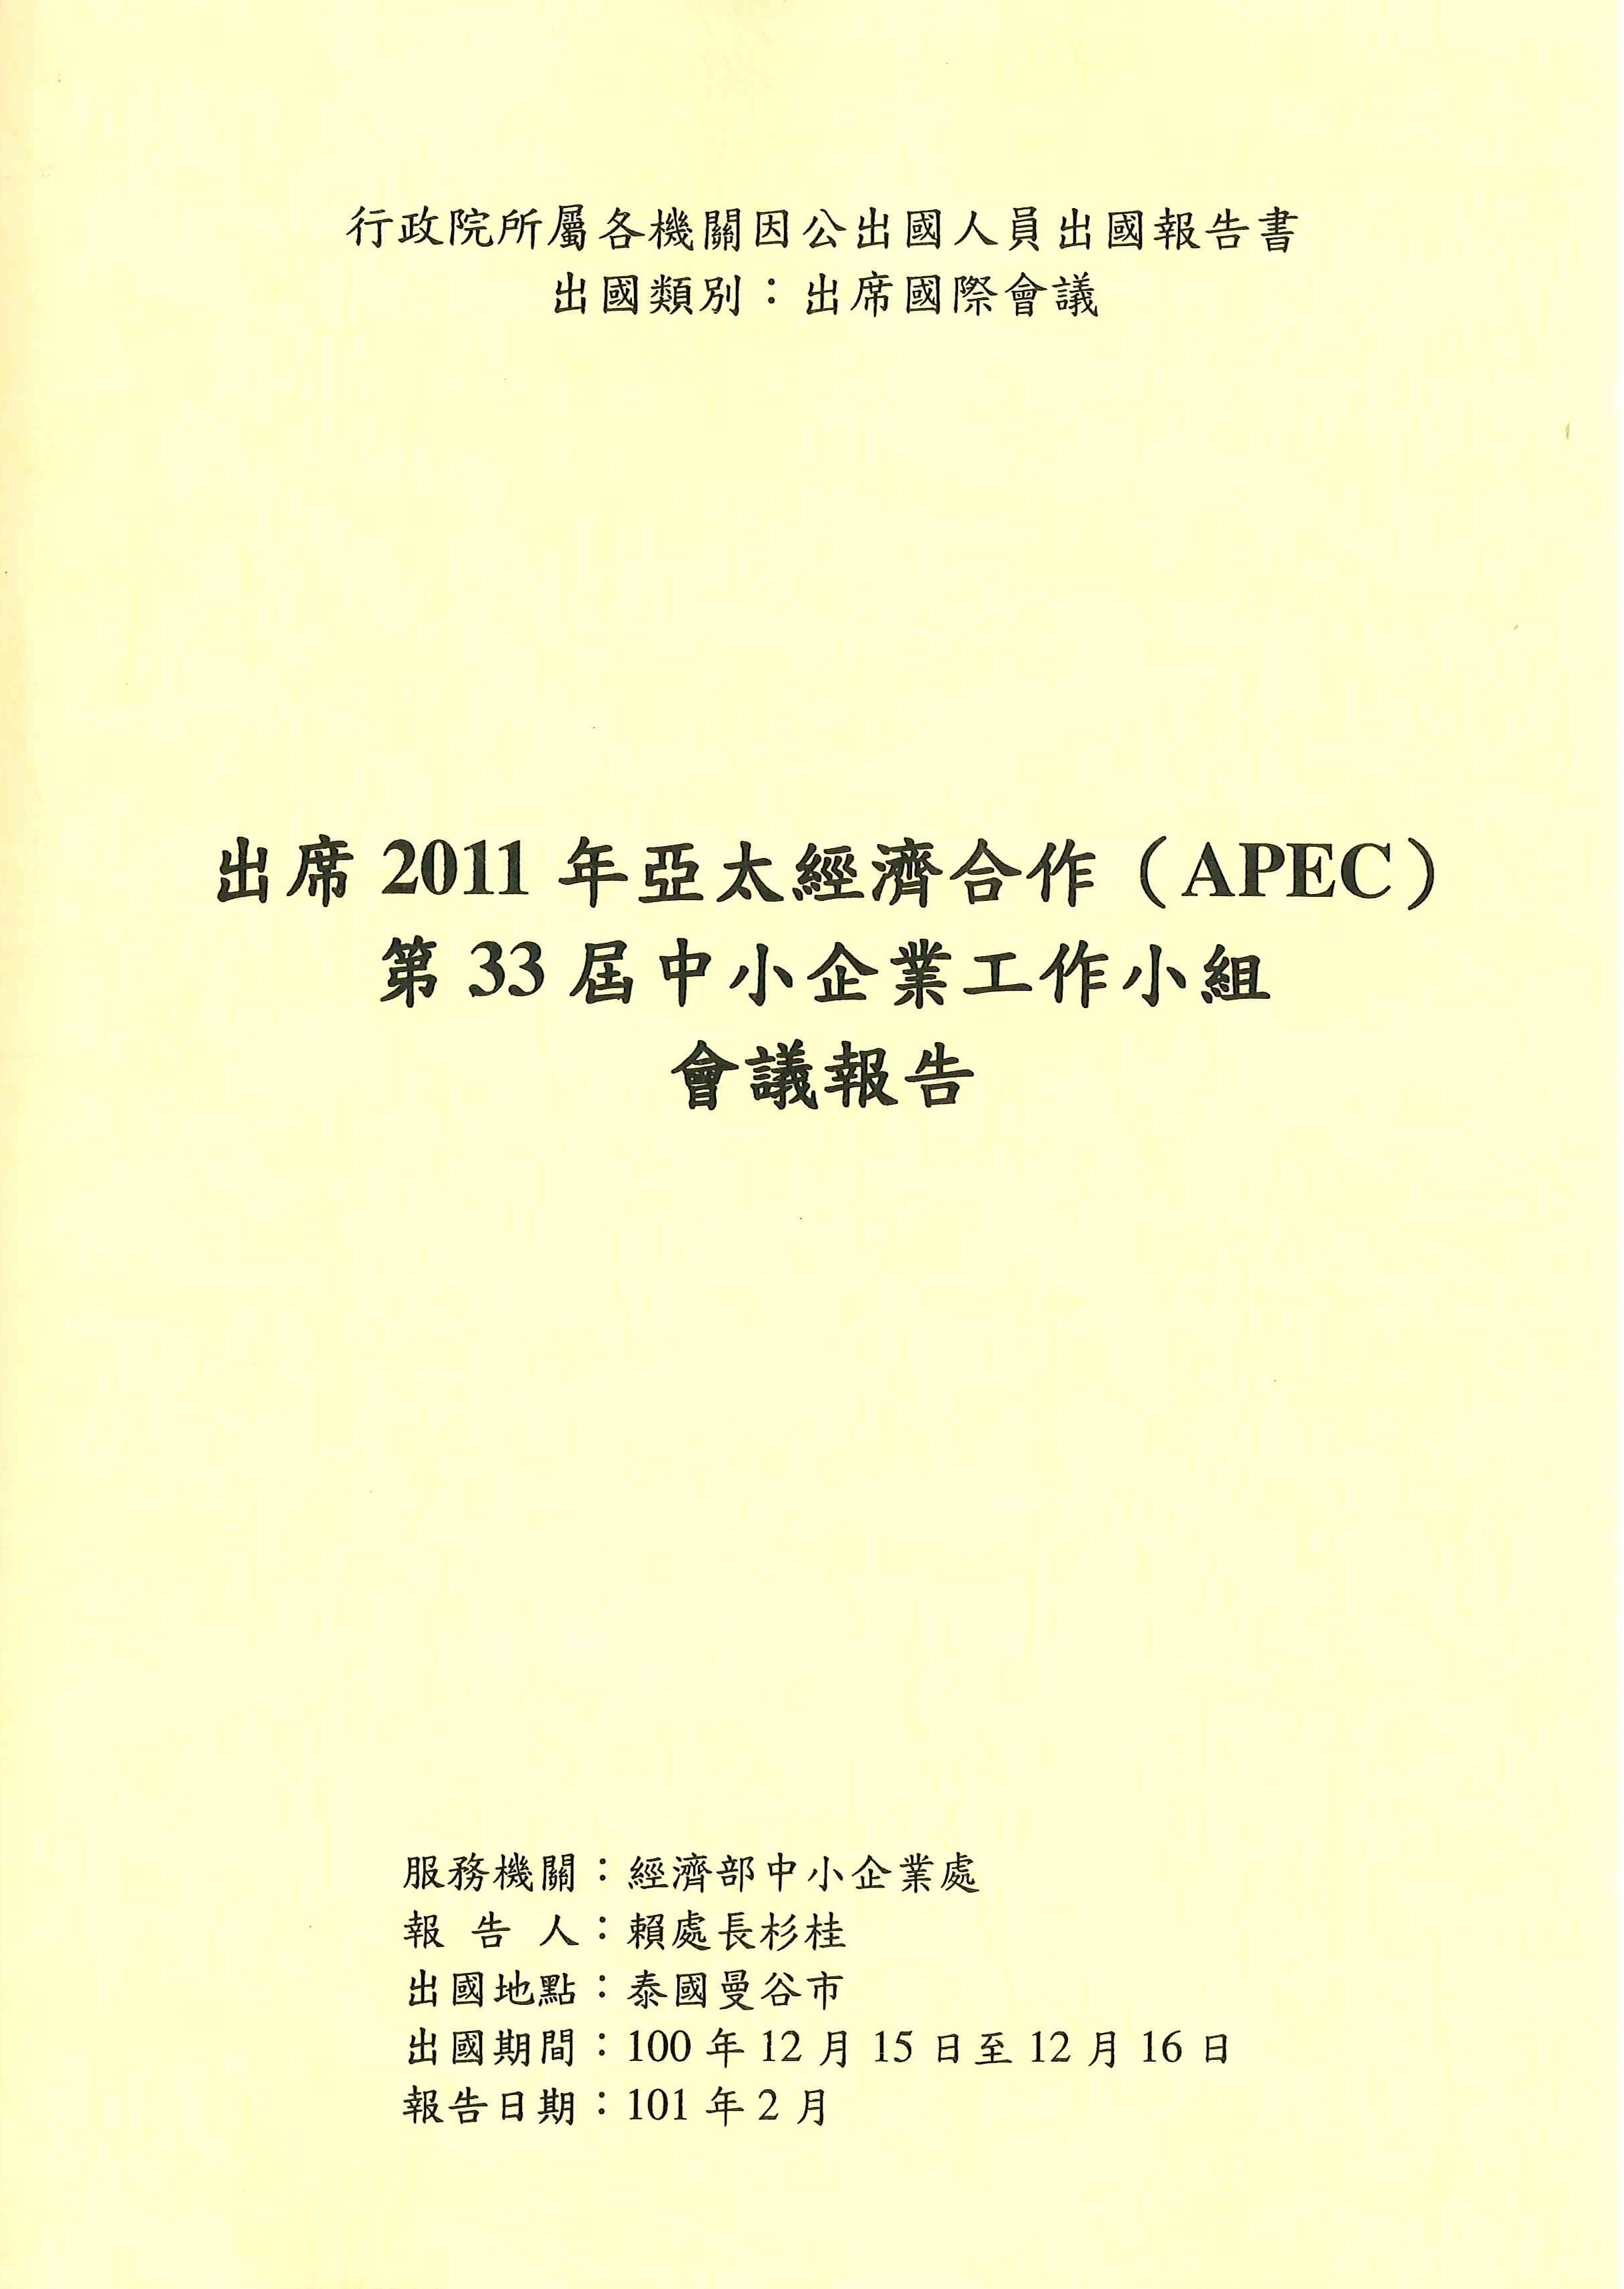 出席2011年亞太經濟合作(APEC)第33屆中小企業工作小組會議報告